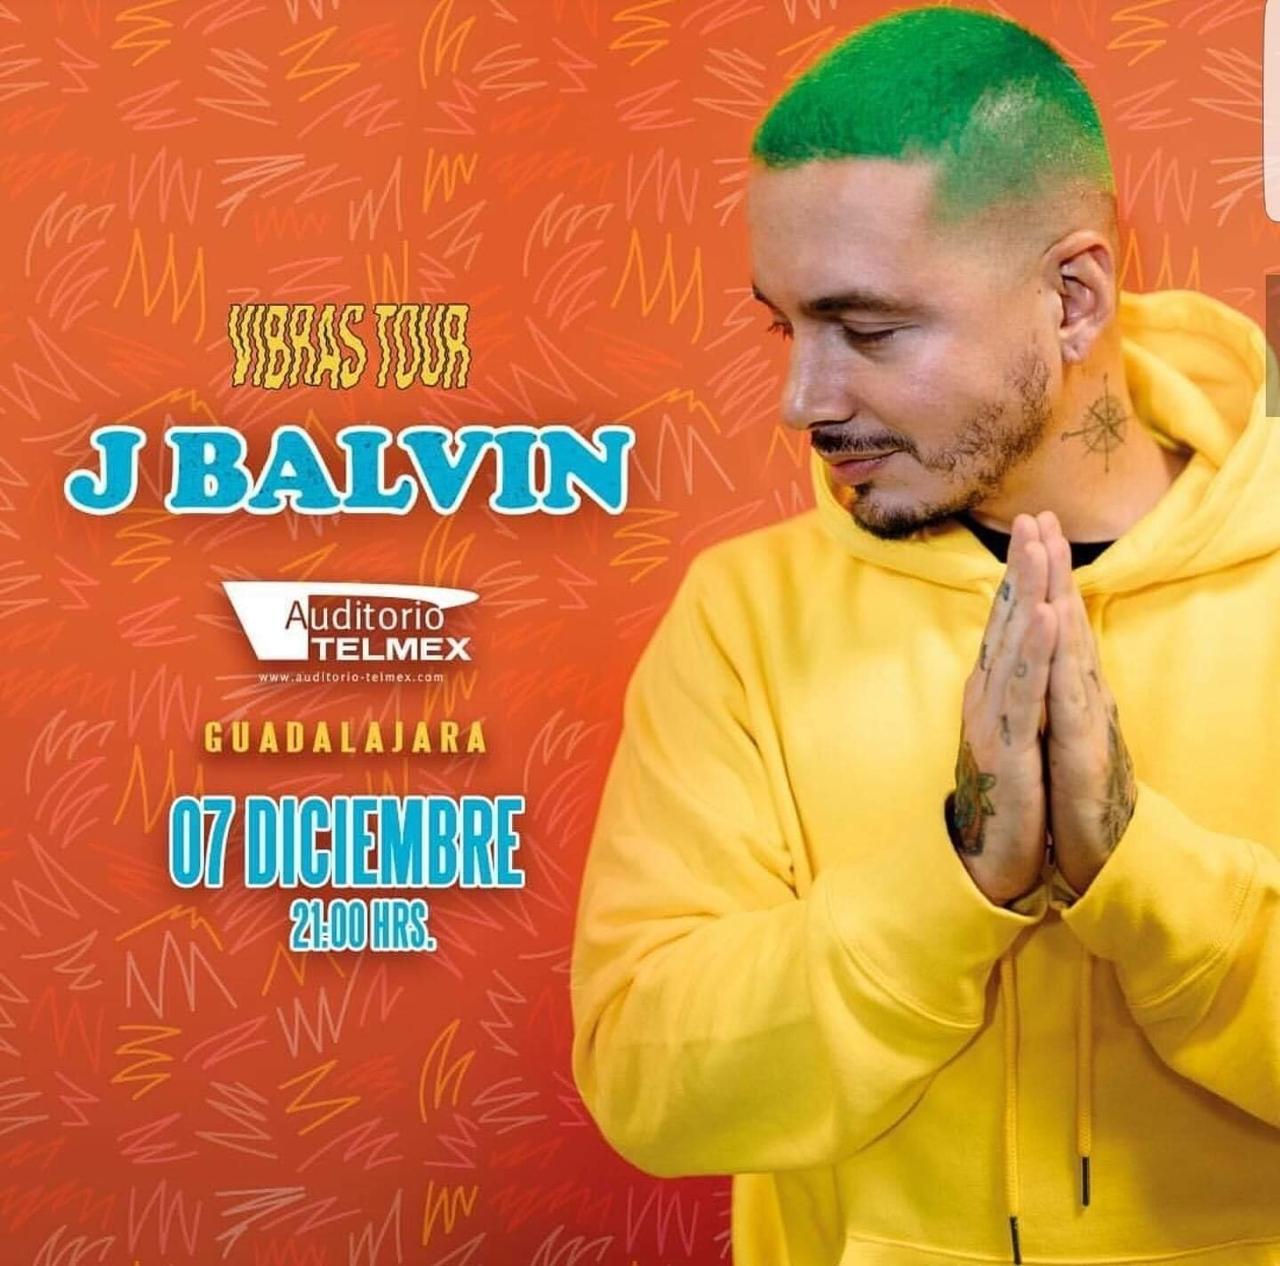 J Balvin #VibrasTour, 7 de Diciembre en Auditorio Telmex